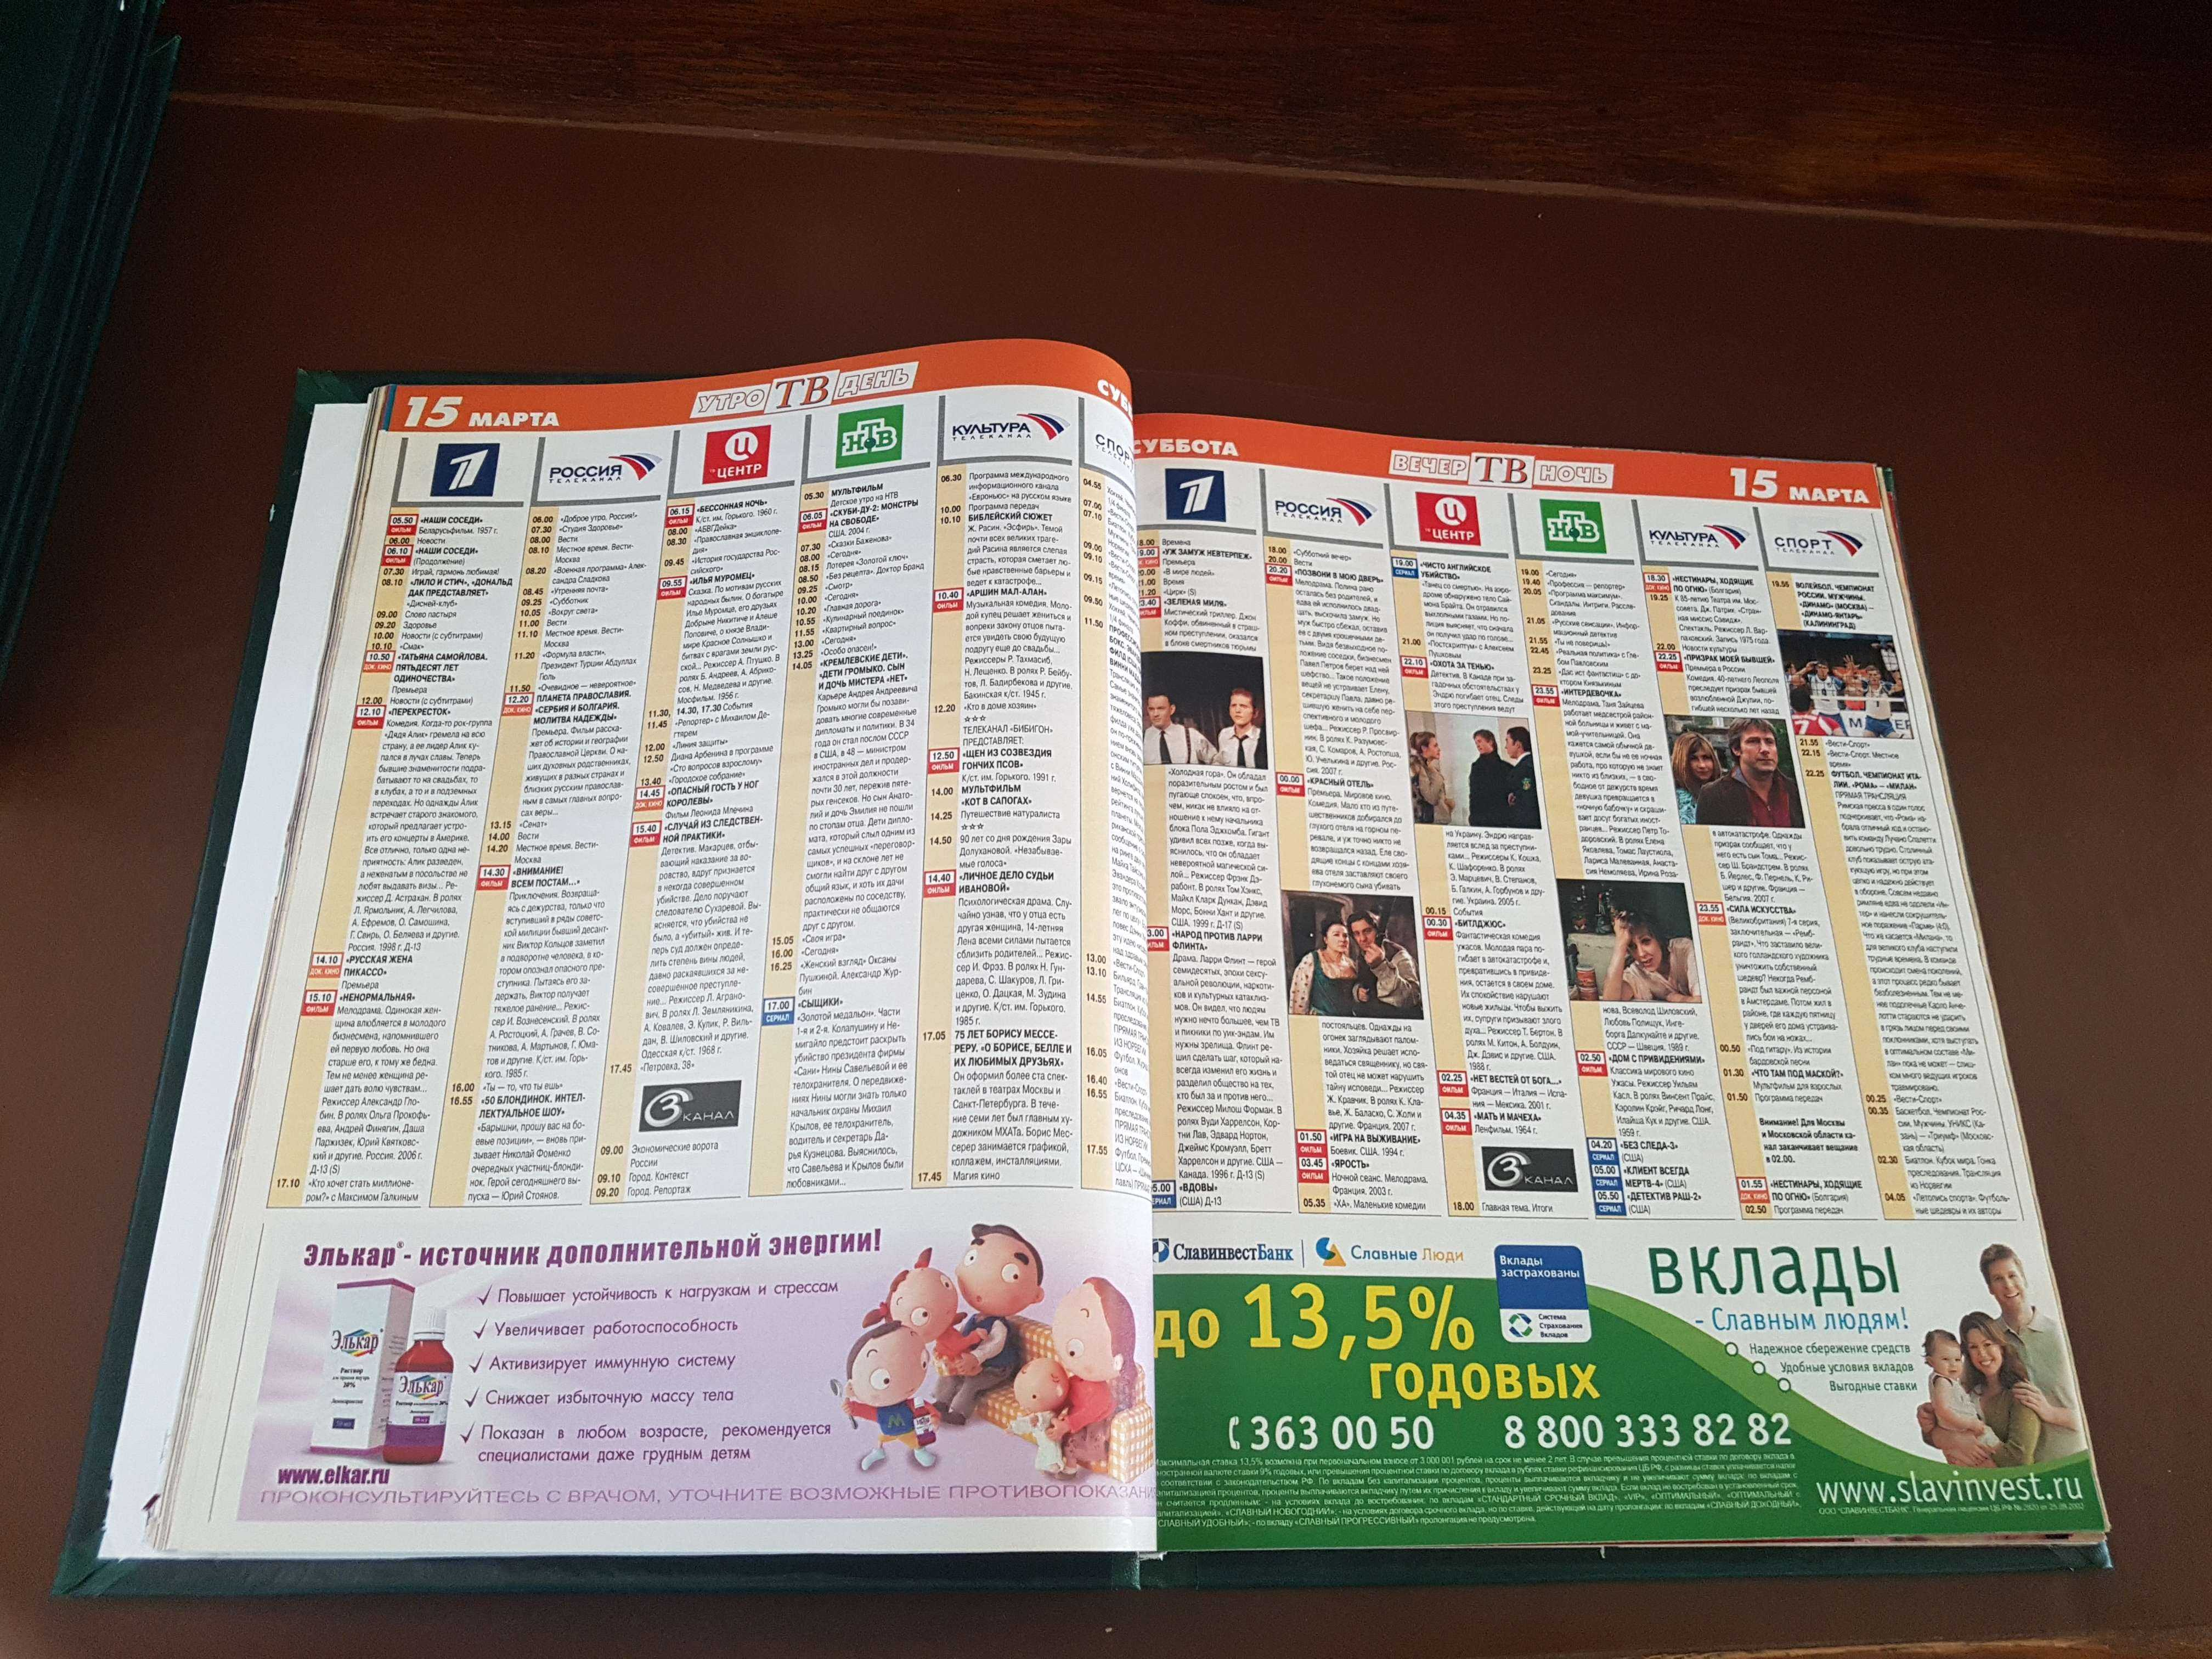 Billige flyreiser fra Chennai til Sri Lanka fra 4 149 rubler på aviasales.ru